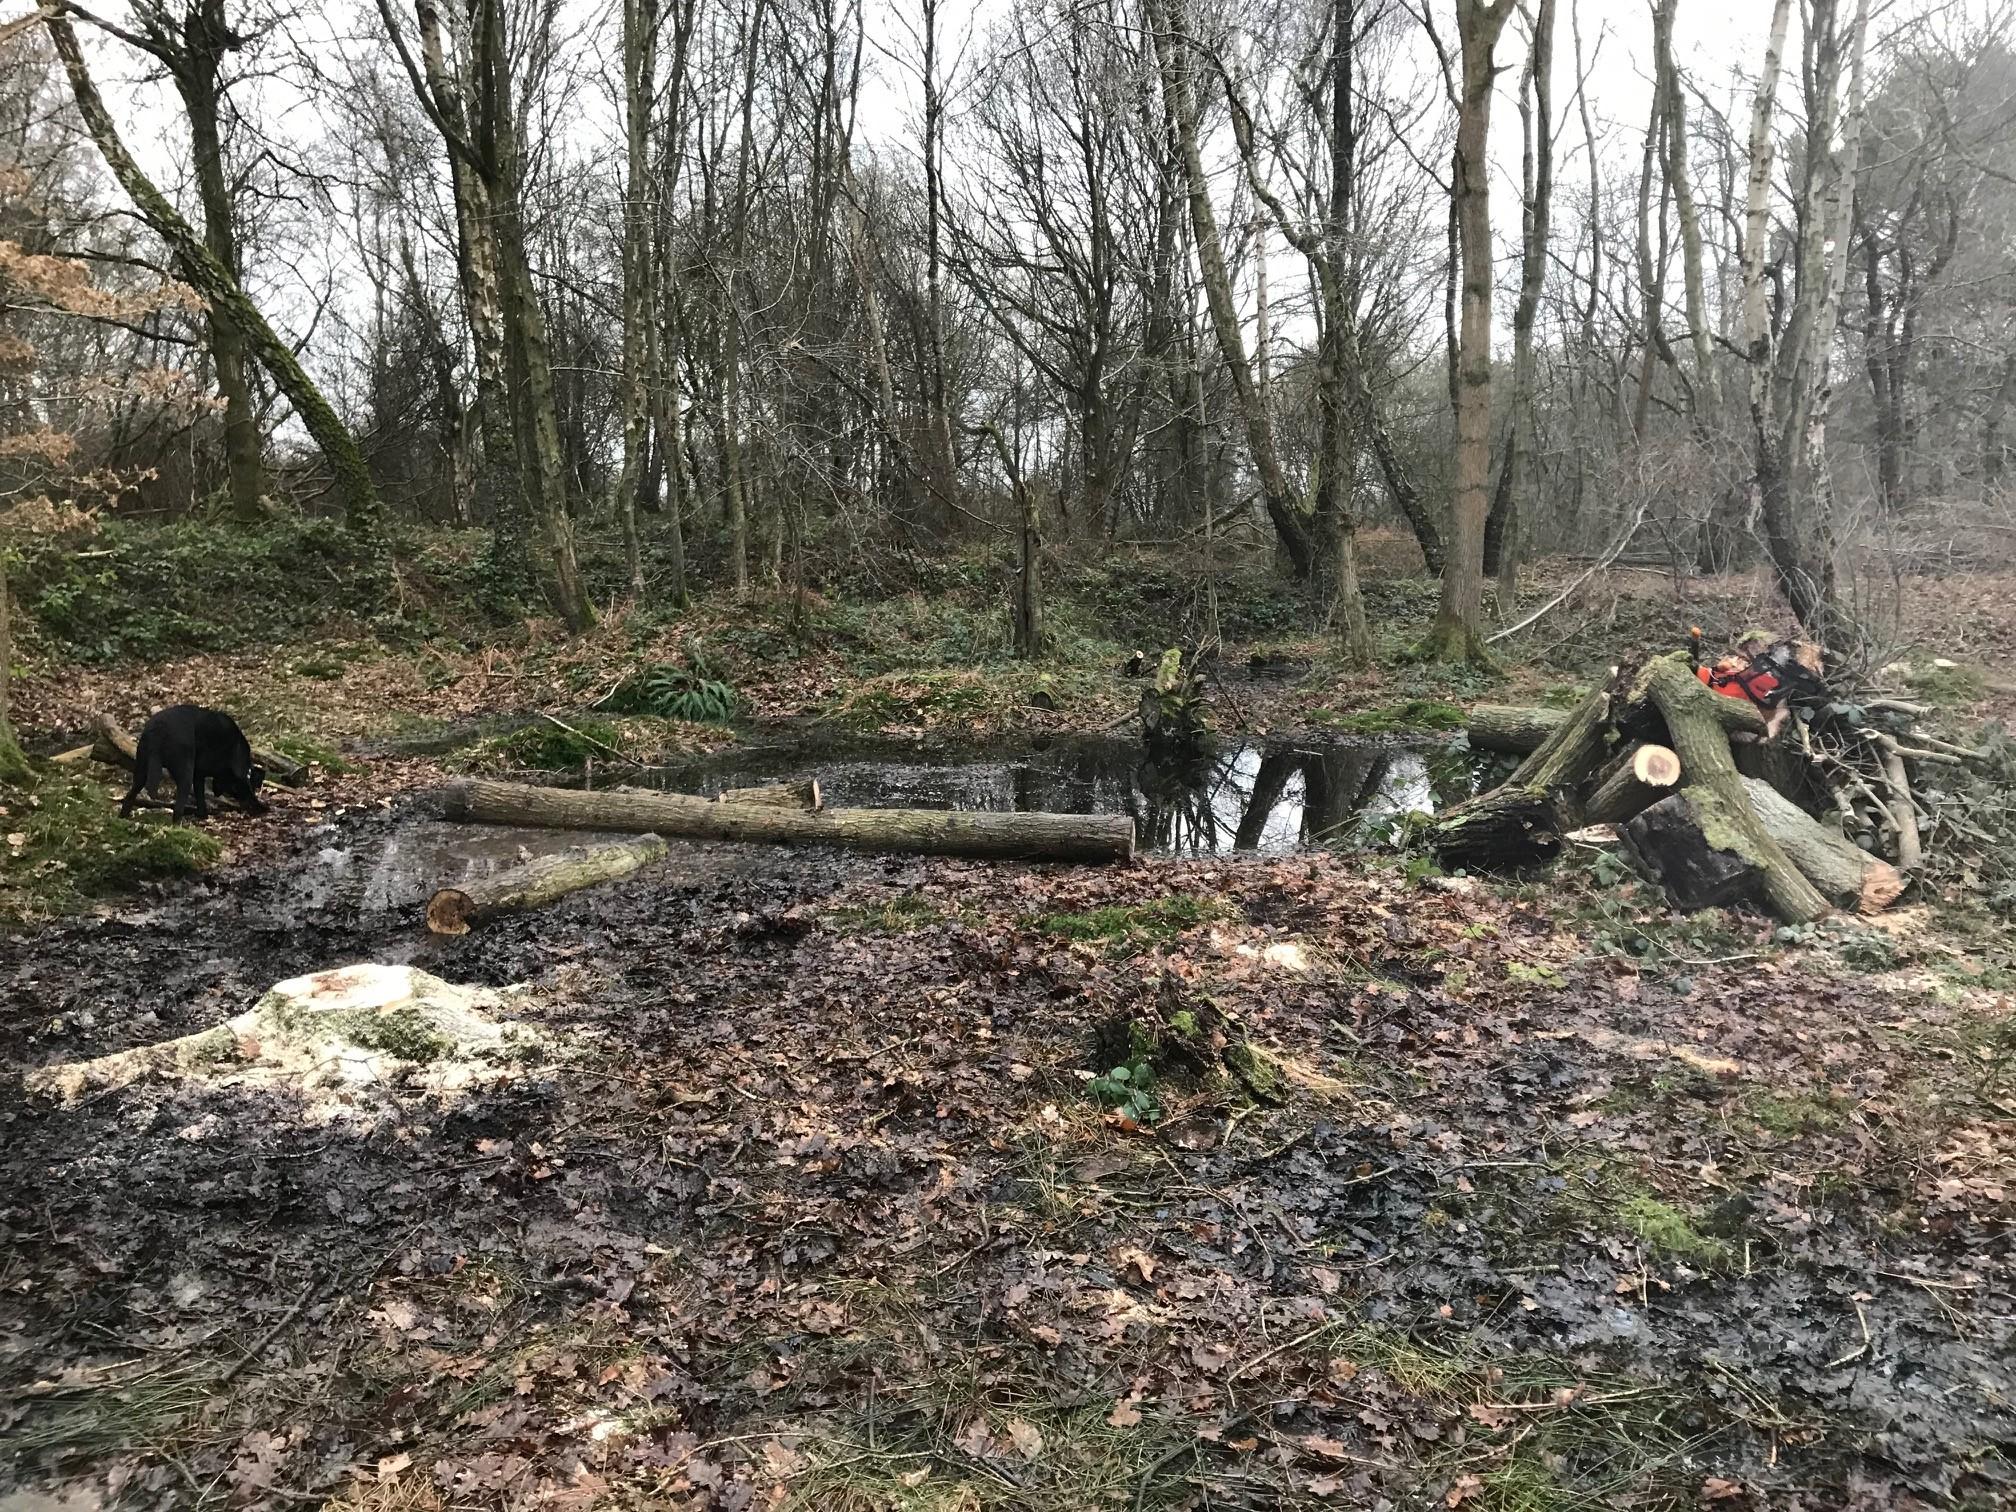 Recreating Acid Wetlands